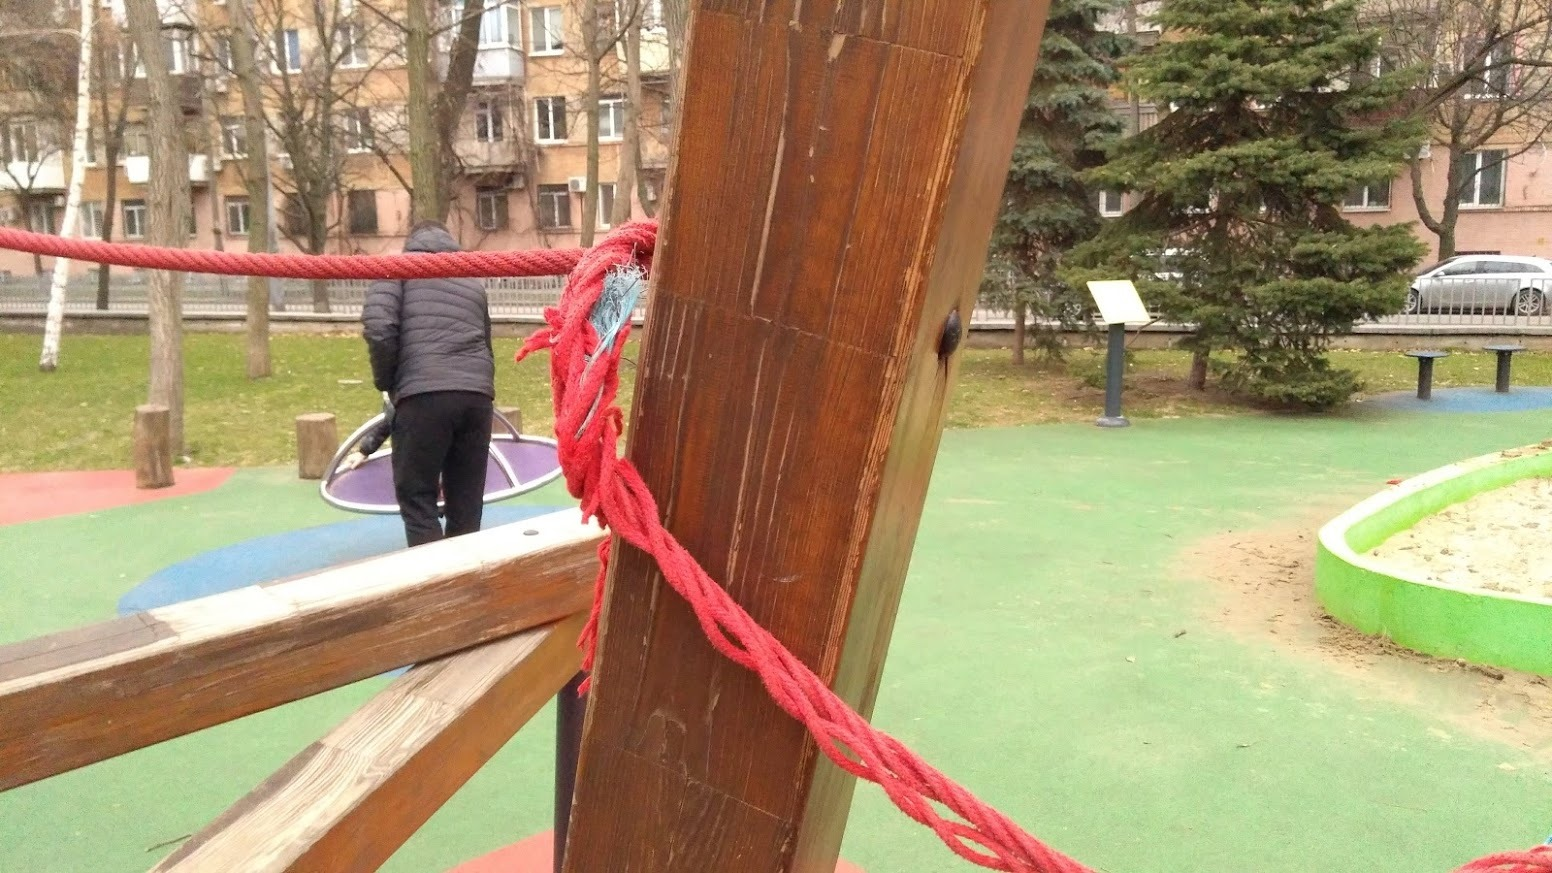 Трос расплетается - фото: fb Mykhailo Dubas